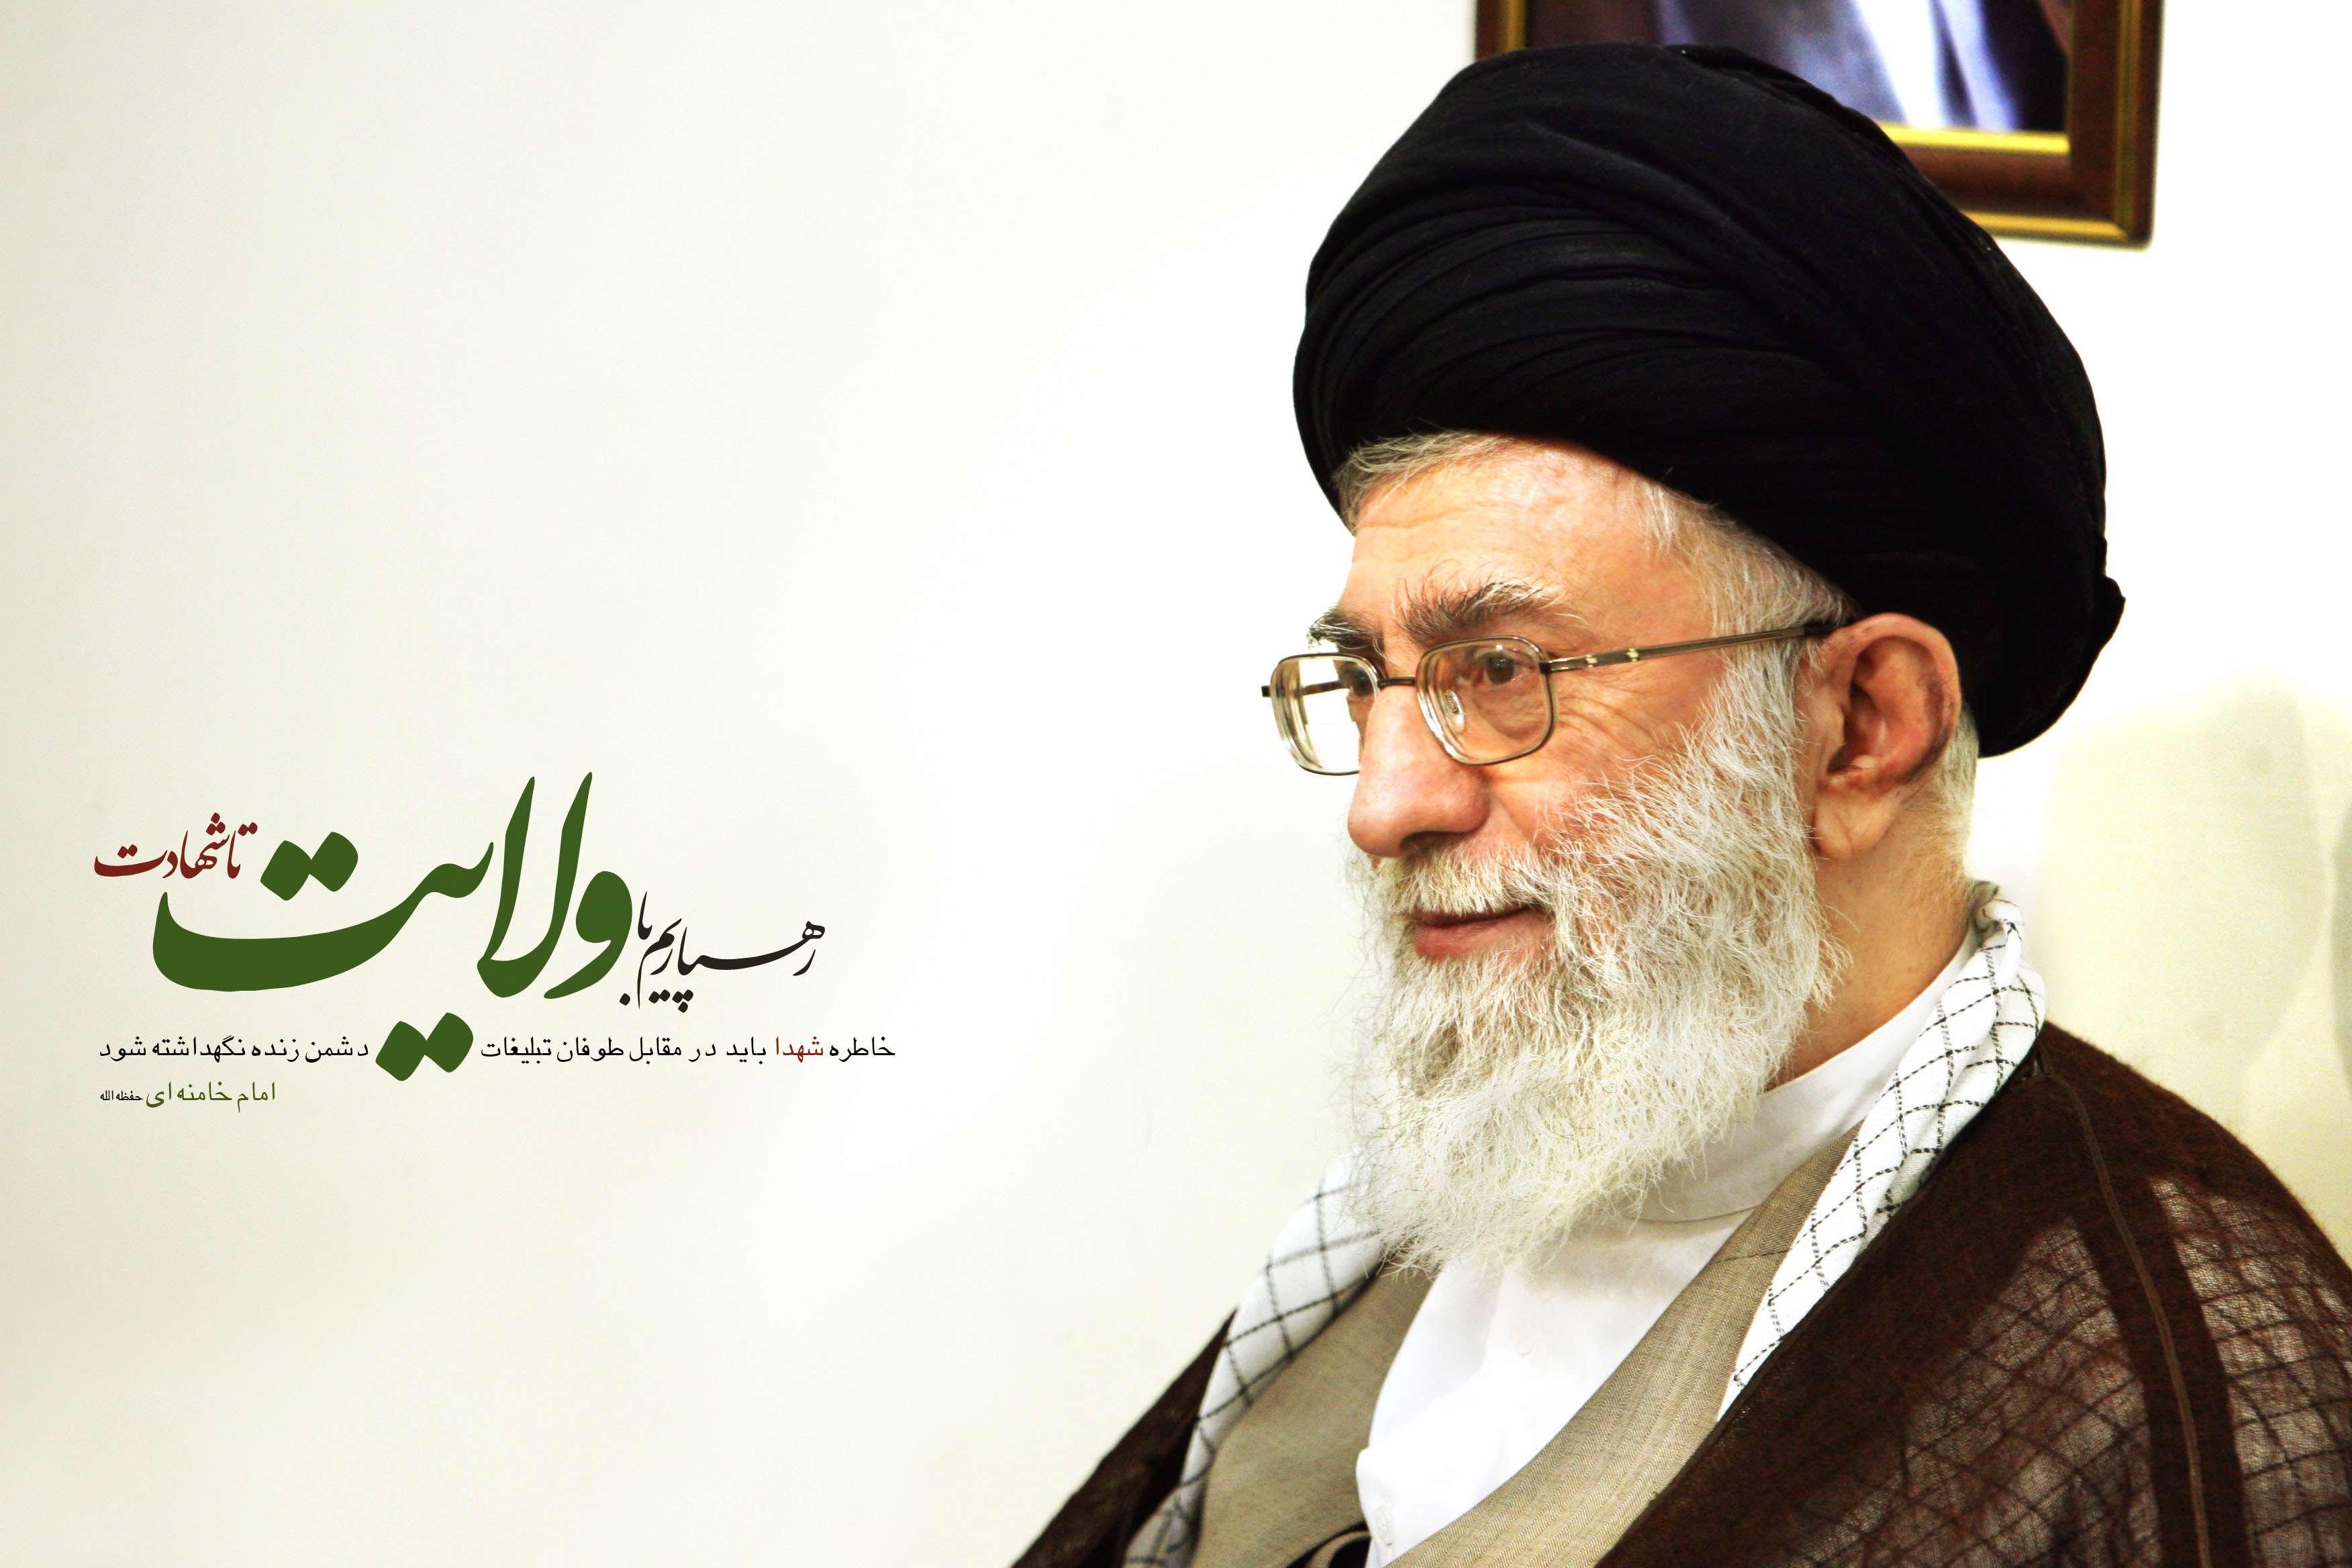 عکس رهبری ایران